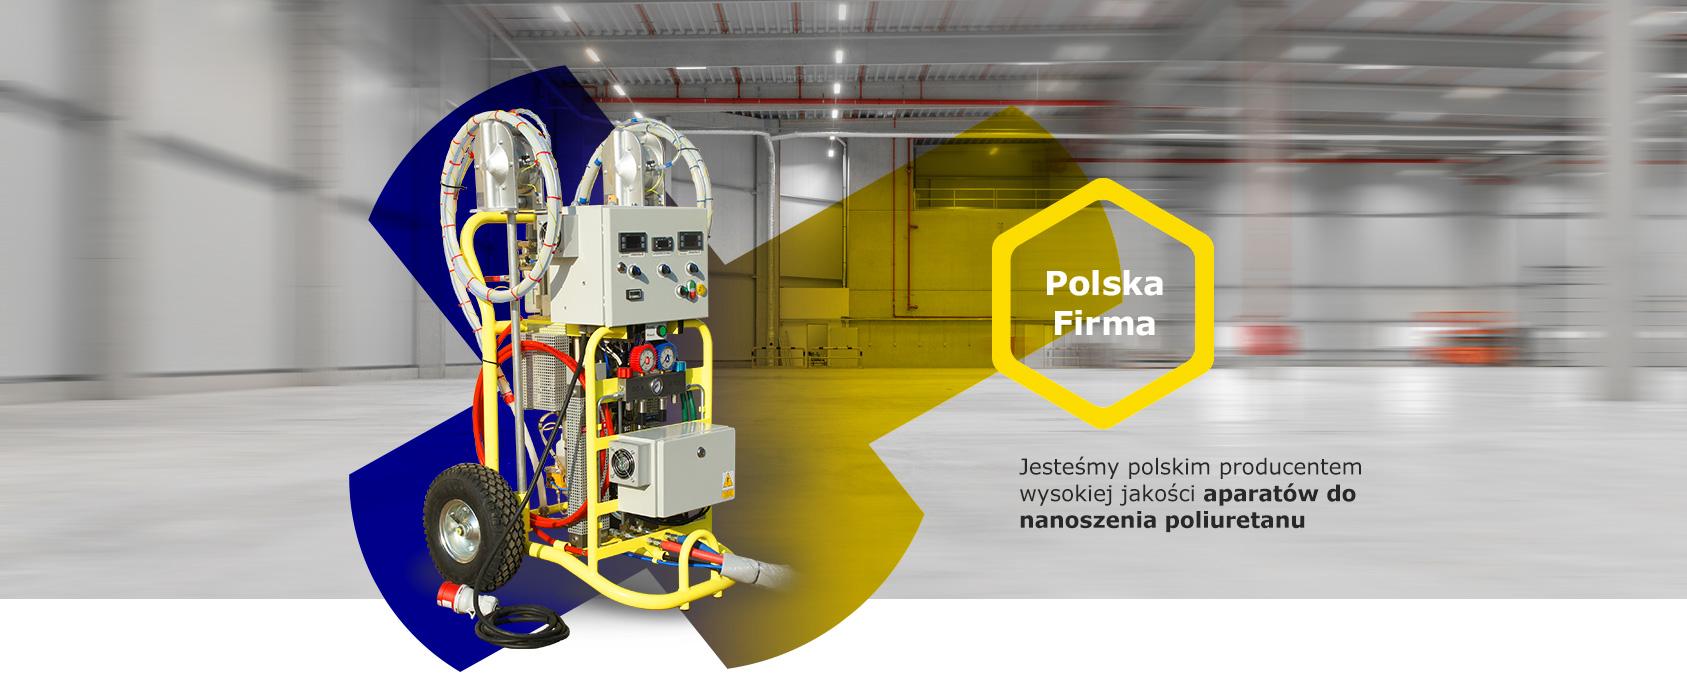 Firma Izoler - Jesteśmy polskim producentem wysokiej jakości aparatów do nanoszenia poliuretanu